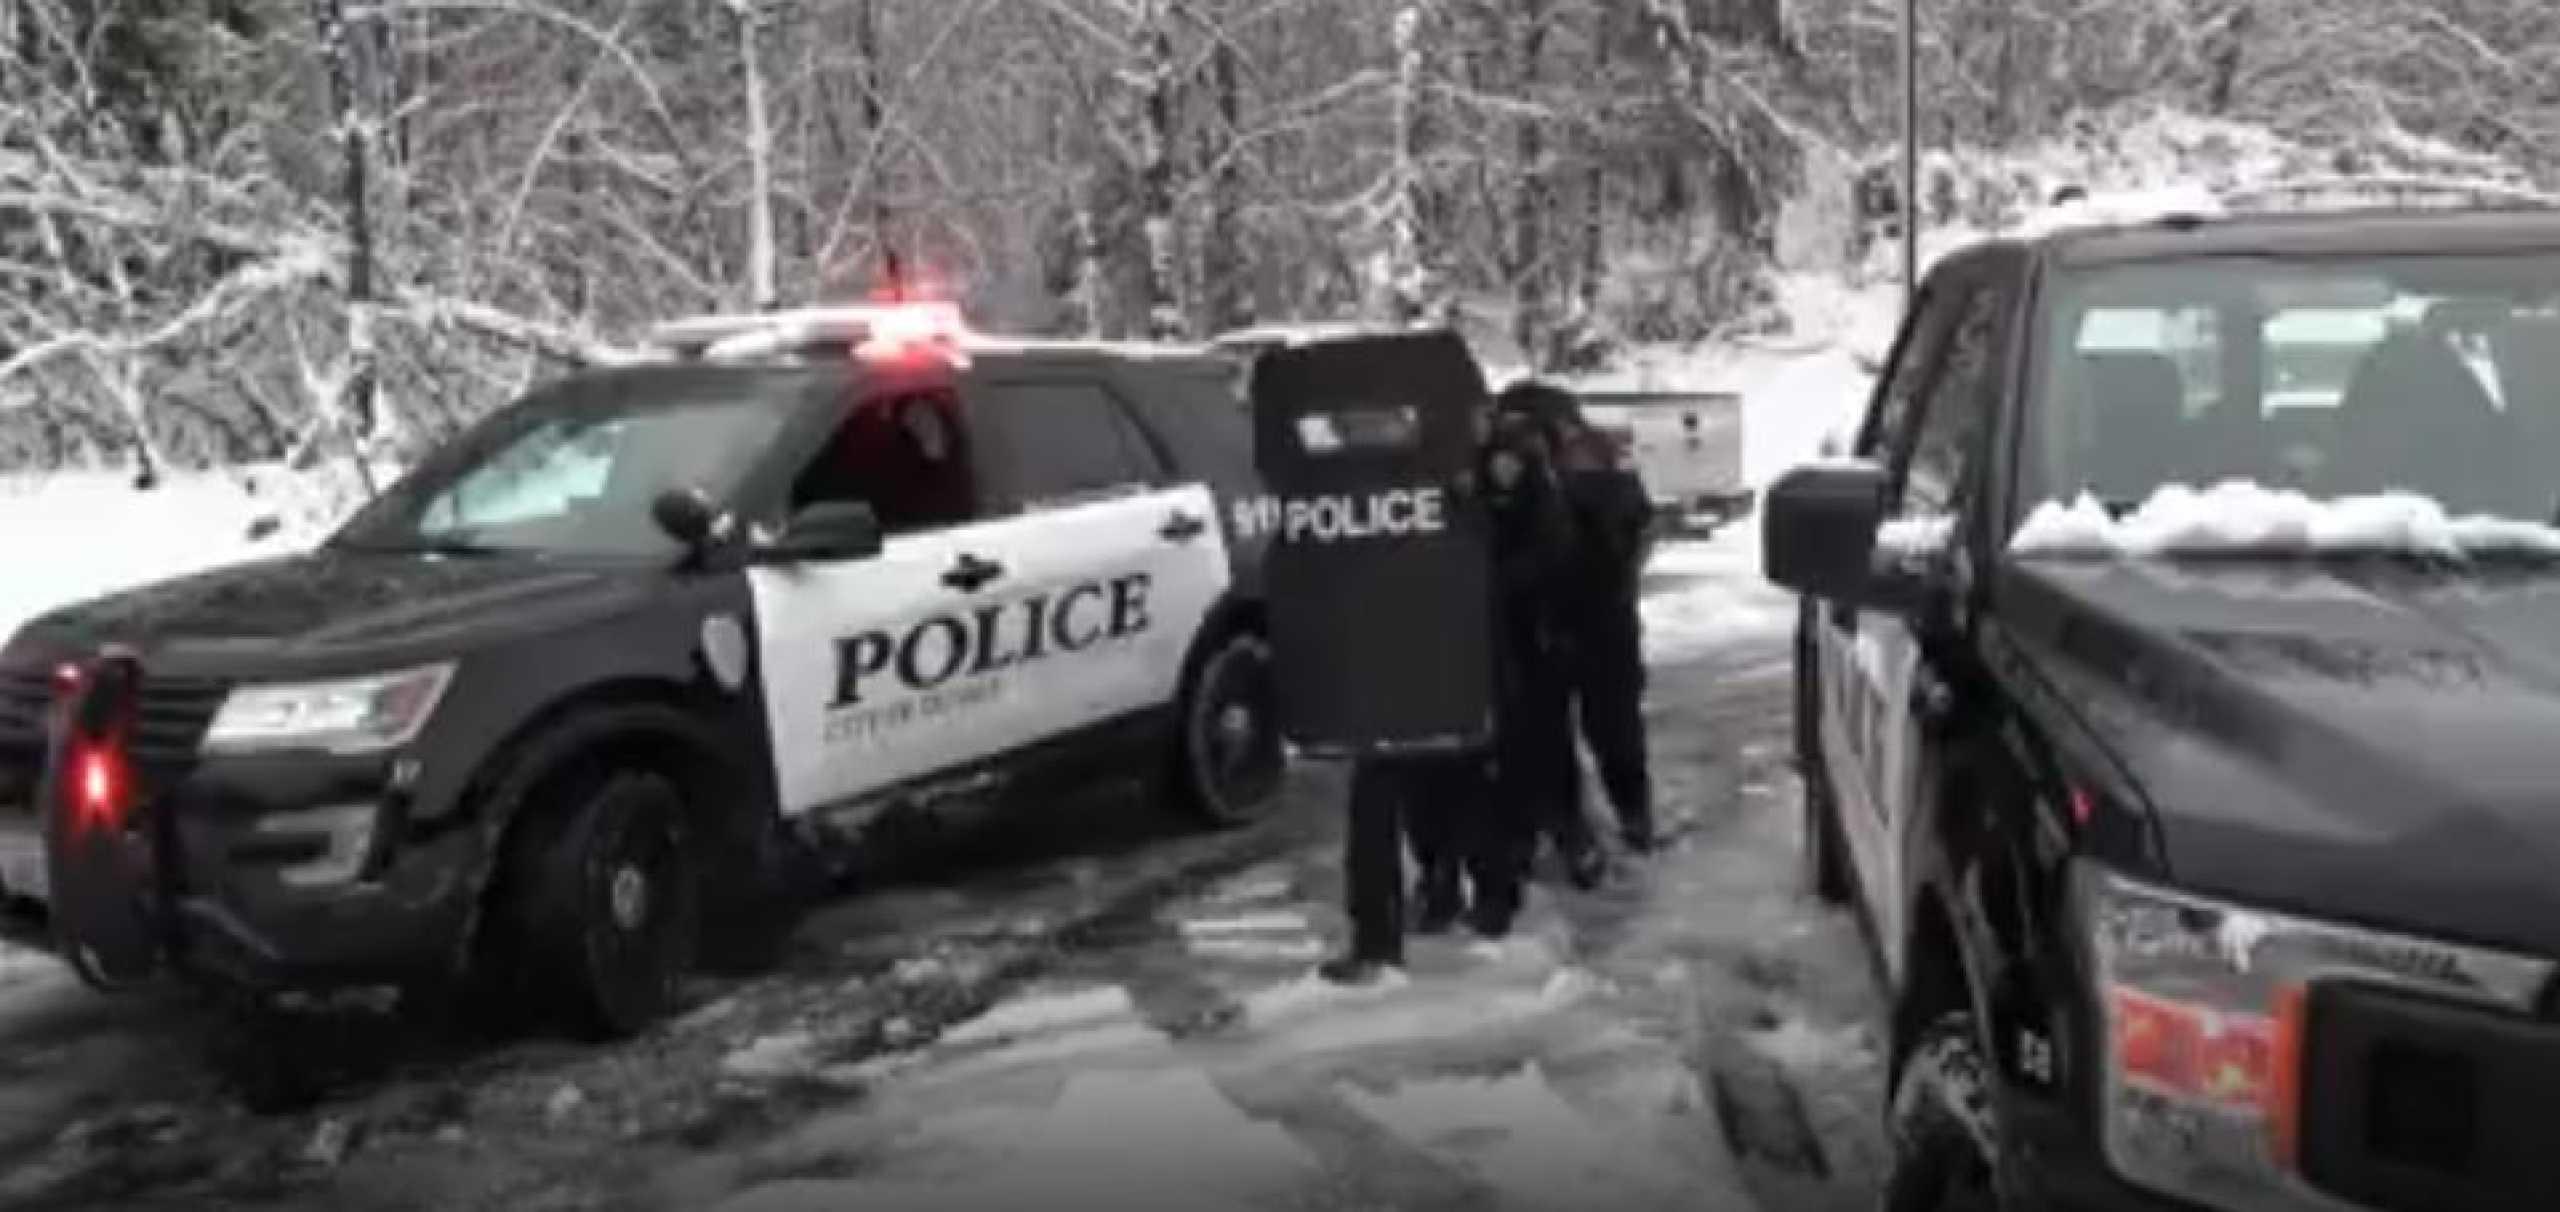 Polícias e grupo de crianças em confrontos... de neve. Ora veja